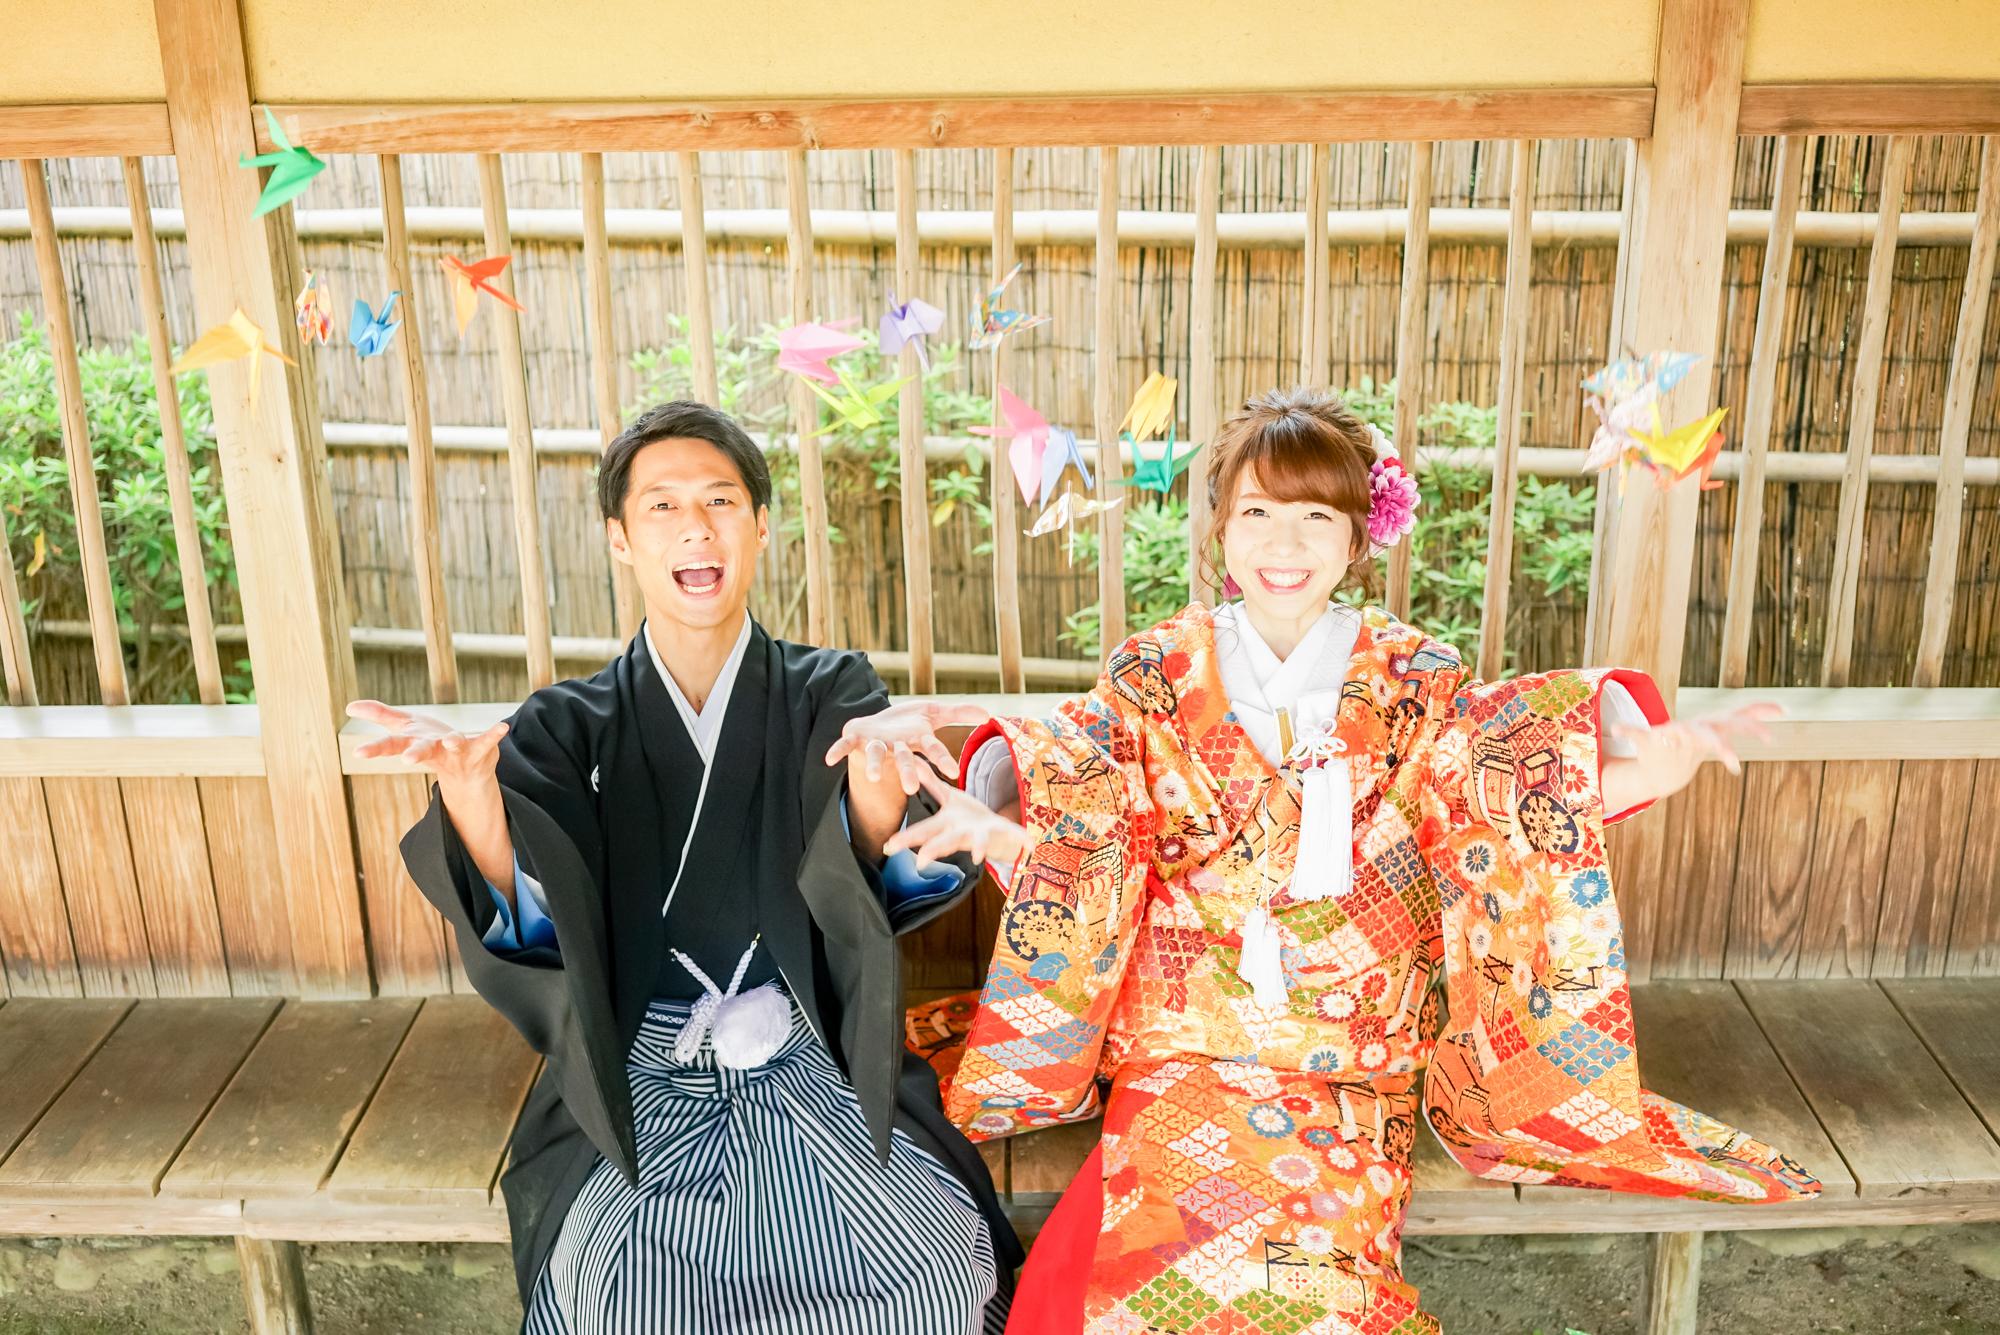 岡山・倉敷のロケーション撮影、前撮りならネムラフィルムズ